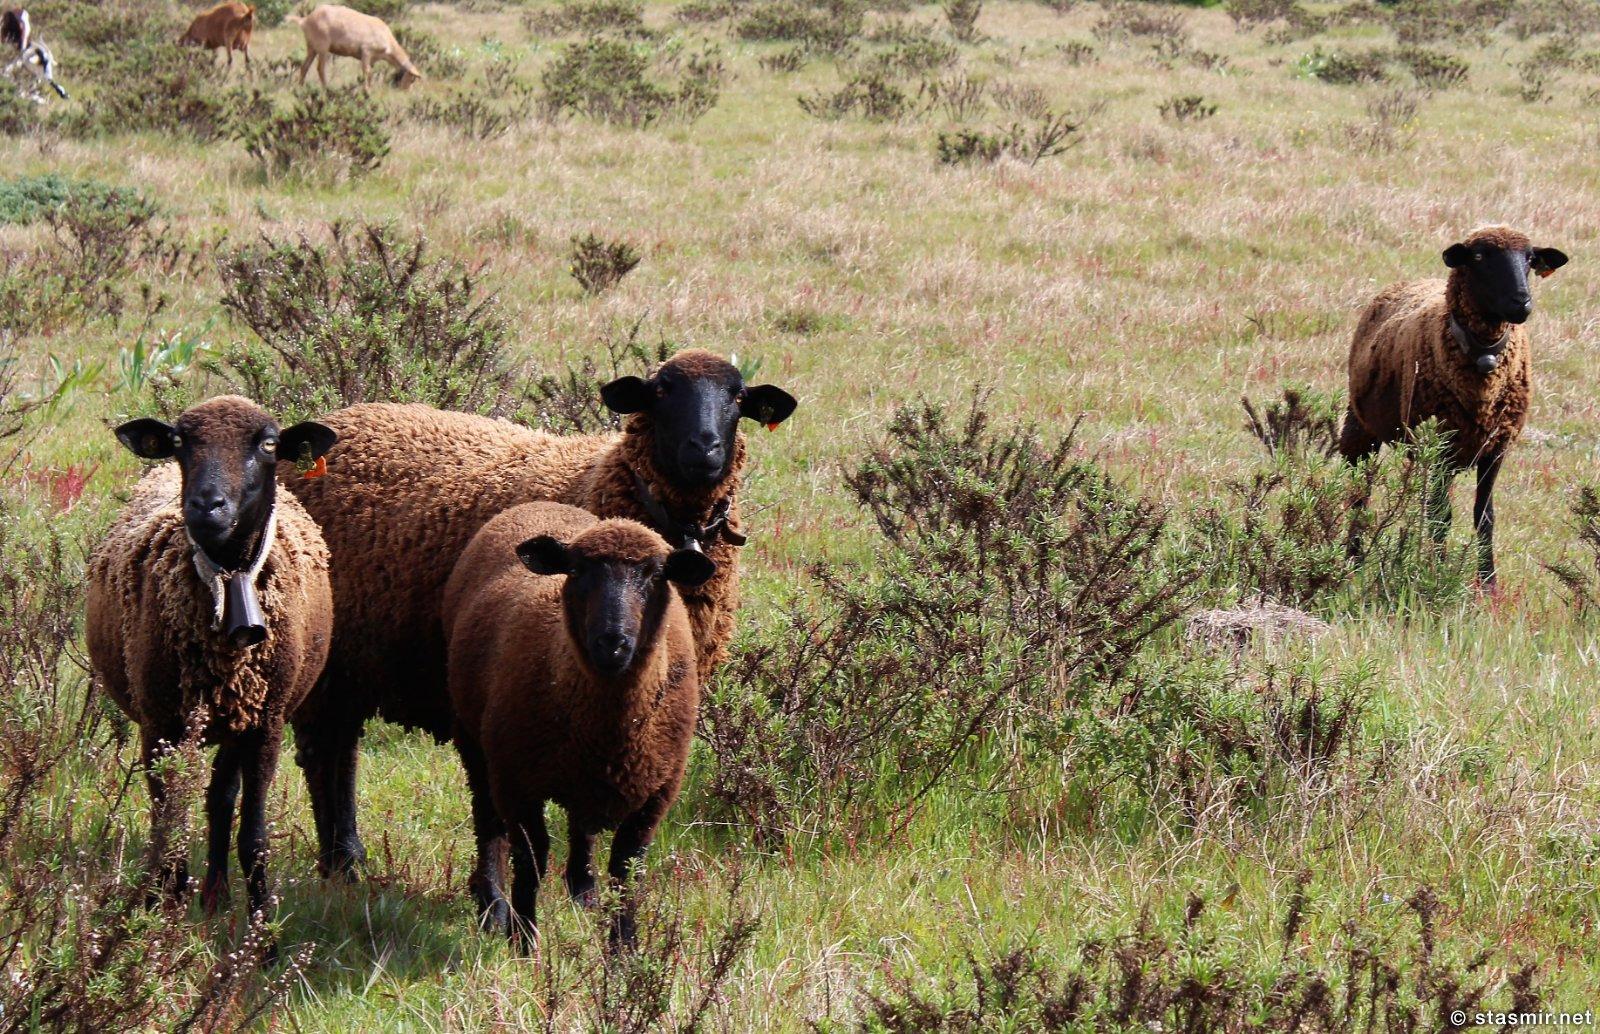 овцы в Португалии, фото Стасмир, Photo Stasmir